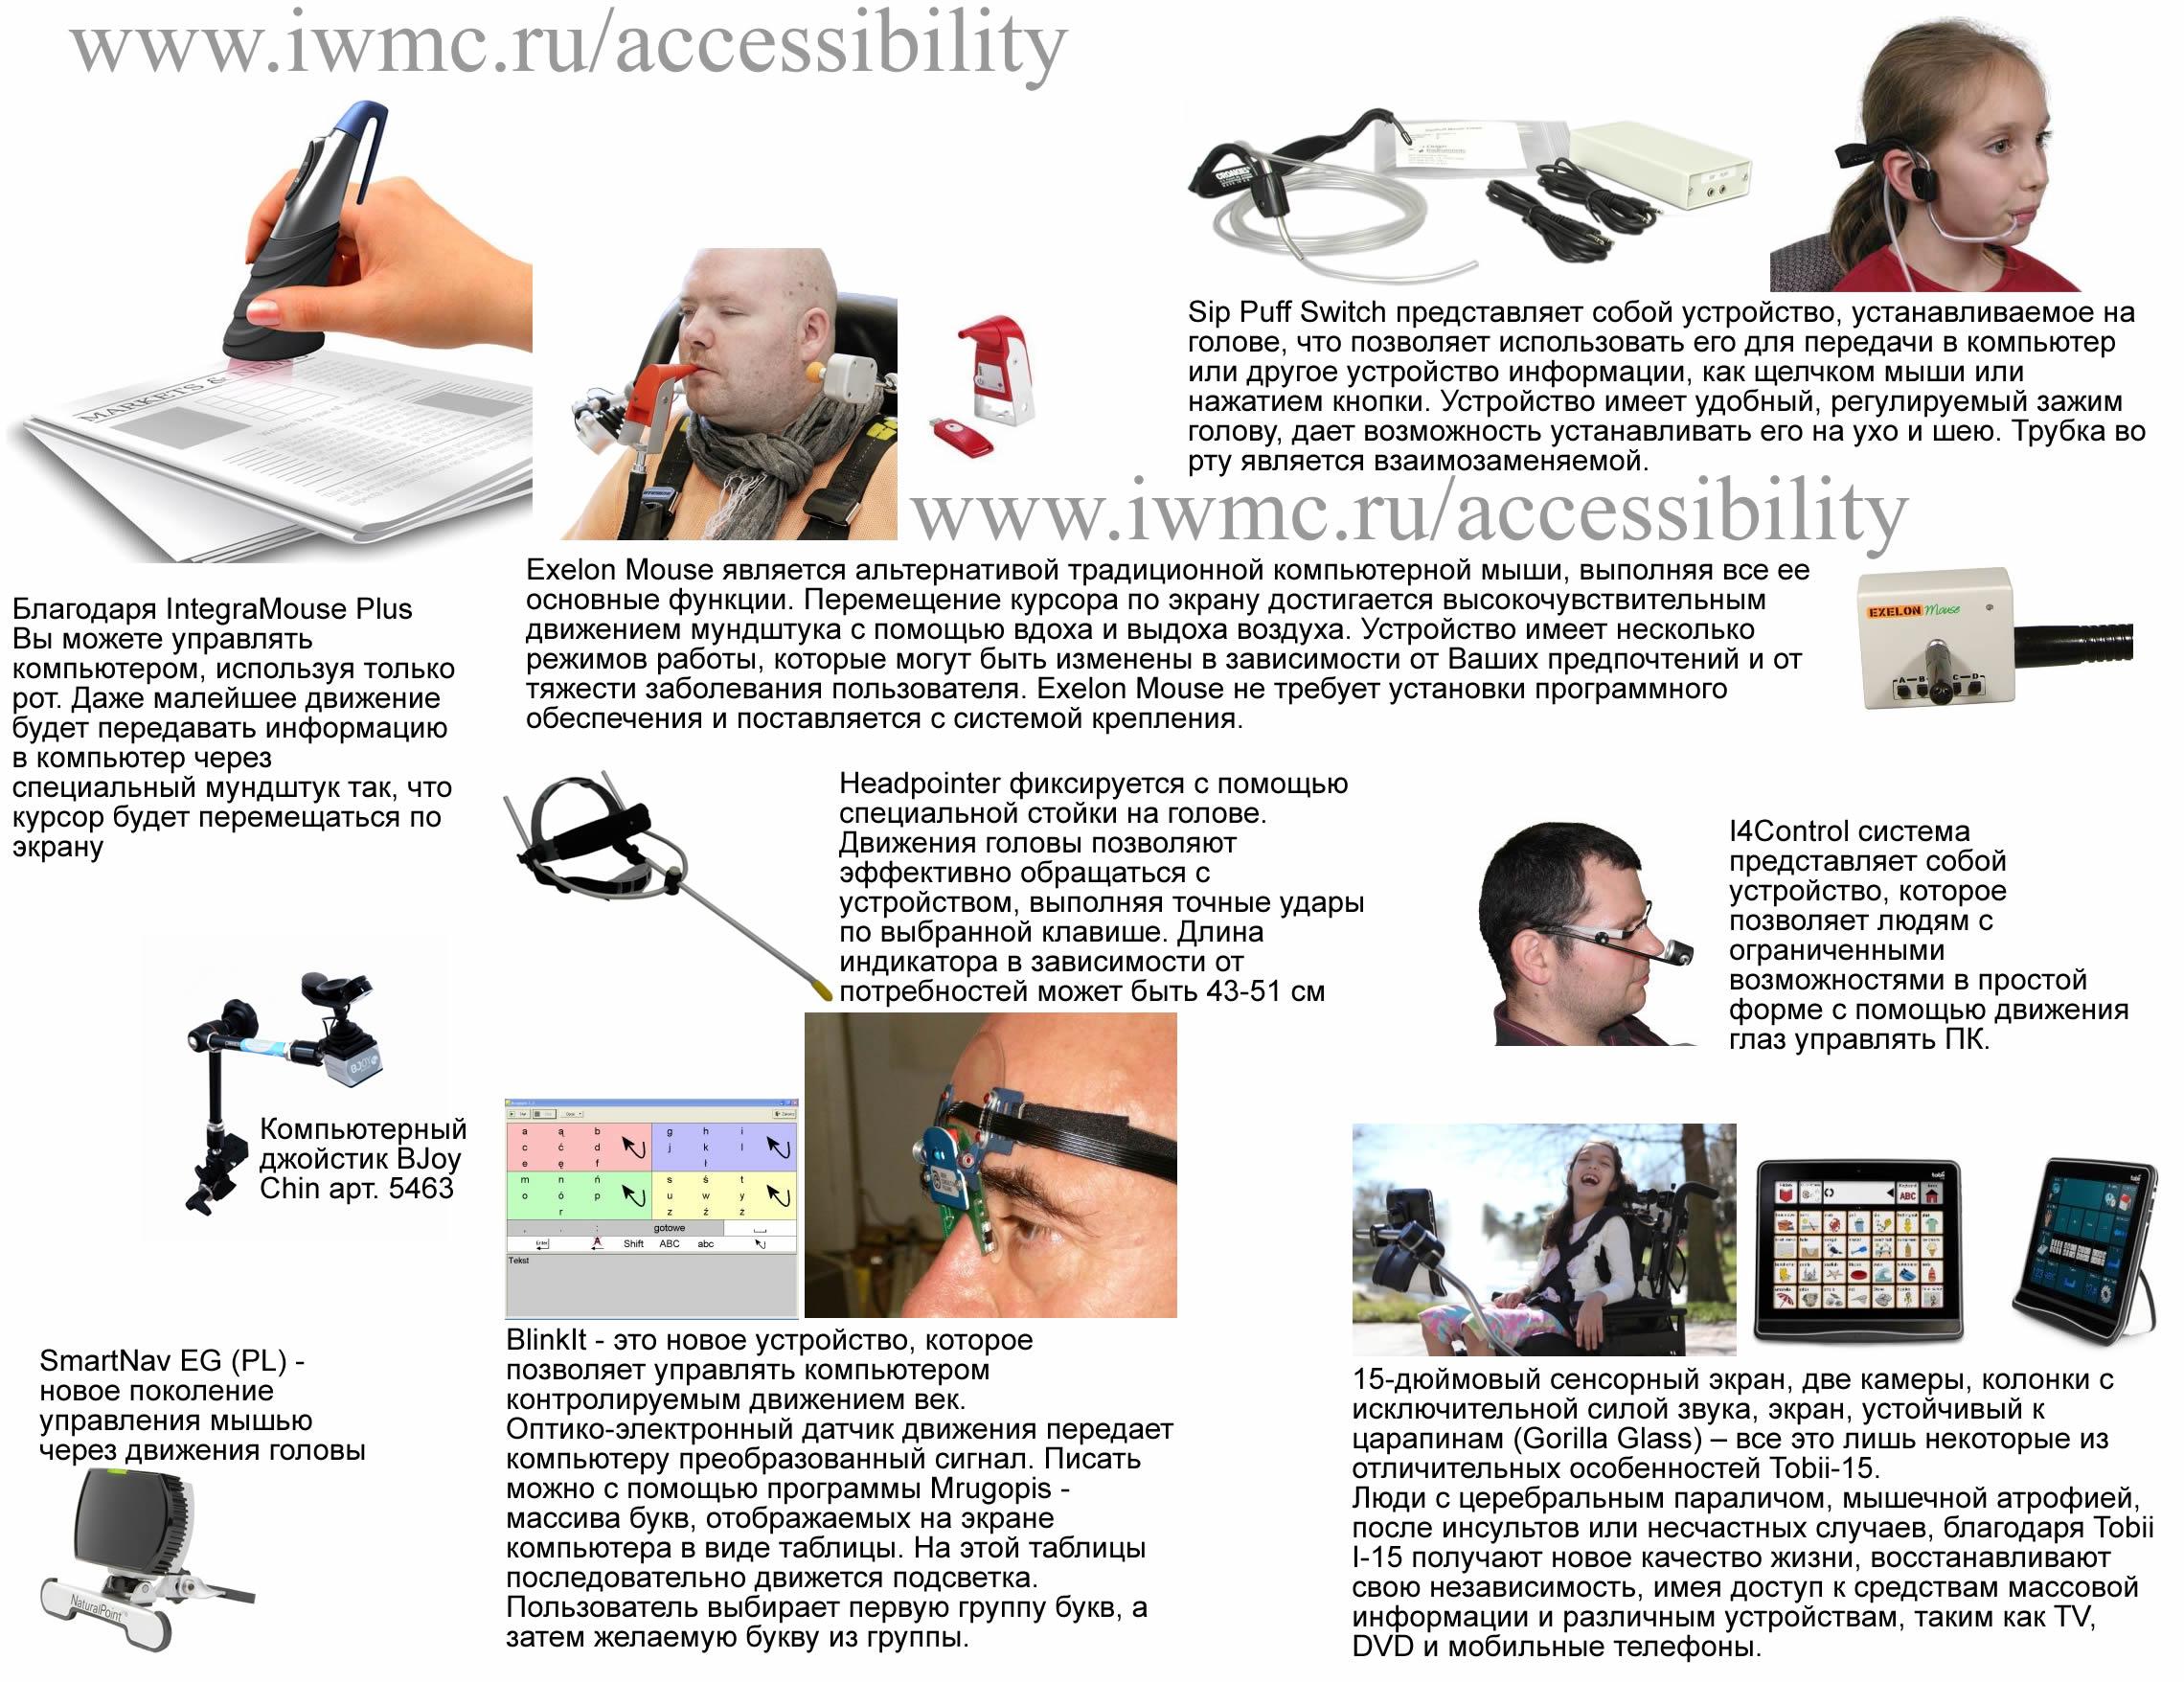 Инваграфика, альтернативные устройства ввода информации без рук